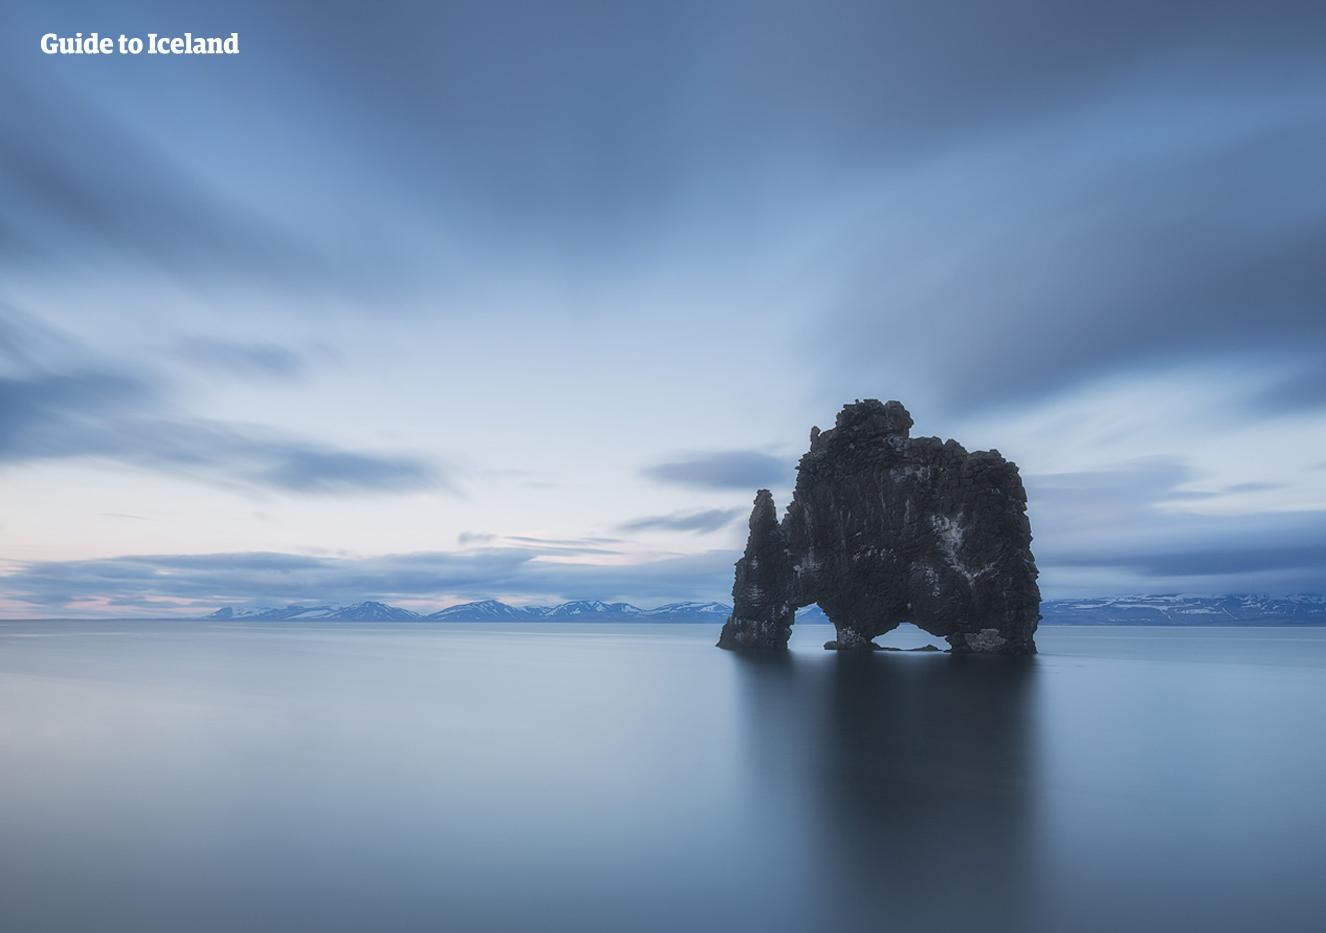 El magnífico monolito de roca, Hvítserkur, en el norte de Islandia.